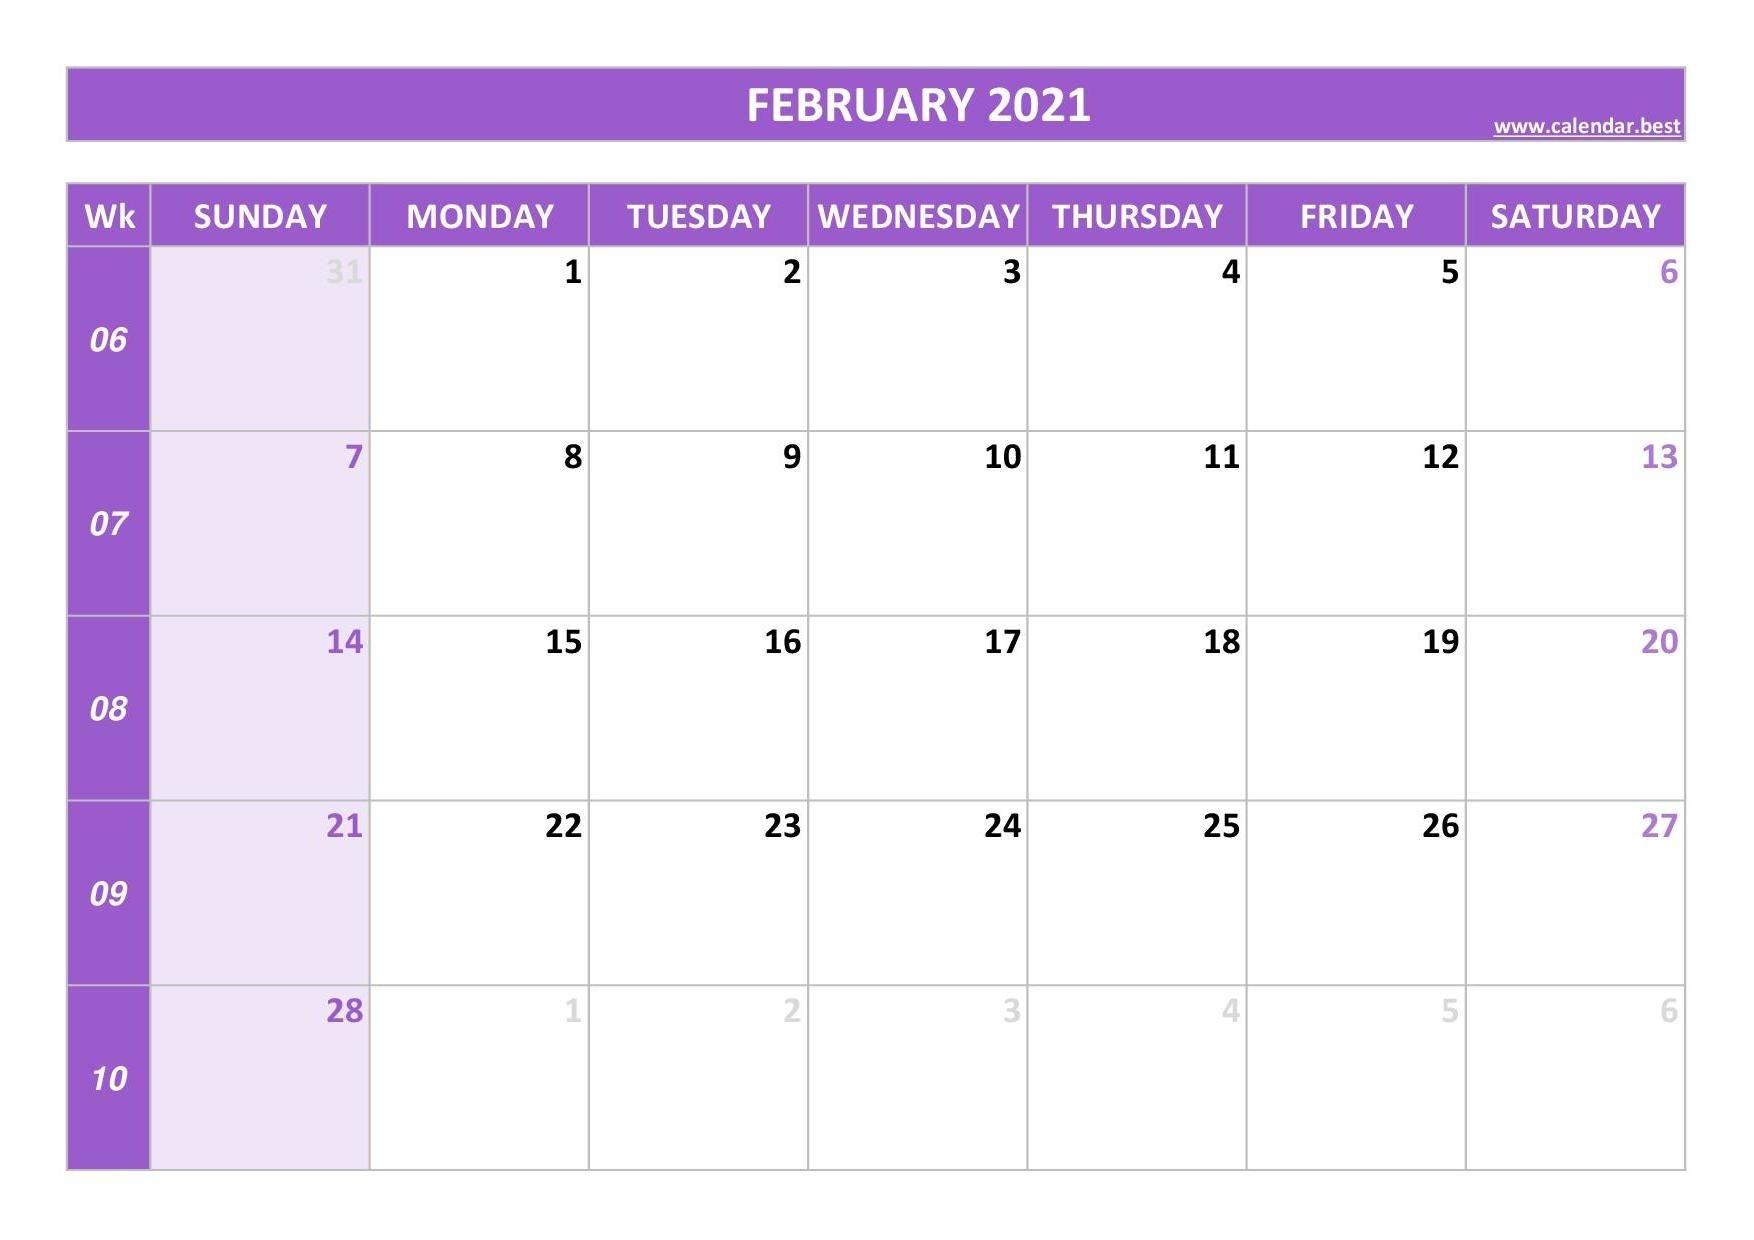 2021 Calendar With Week Numbers Calendar Best